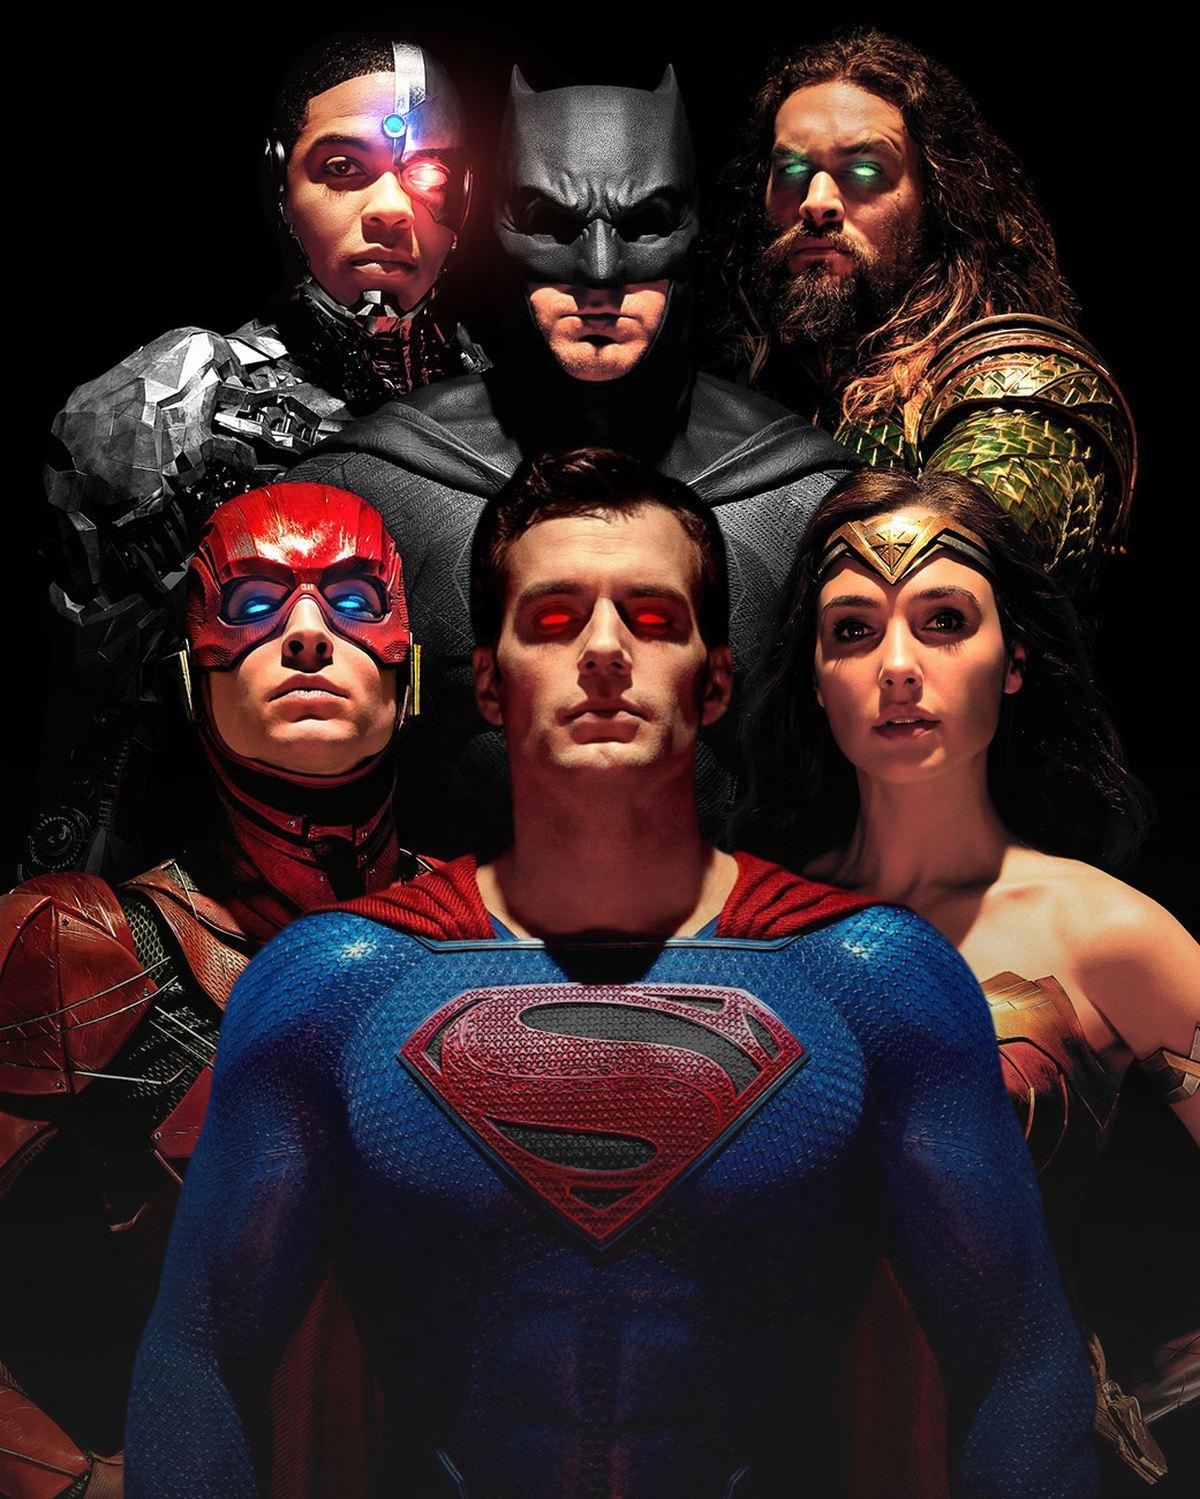 Justice League - On s'est beaucoup posé la question s'il y avait une version de réalisateur de la Justice League par Zack Snyder. Ce dernier l'a confirmé et elle dure plus de 3 heures et demie. Mais est-ce qu'elle sortira ? Et bien, tout dépend de Warner Bros qui est tout sauf chaud comme la braise.